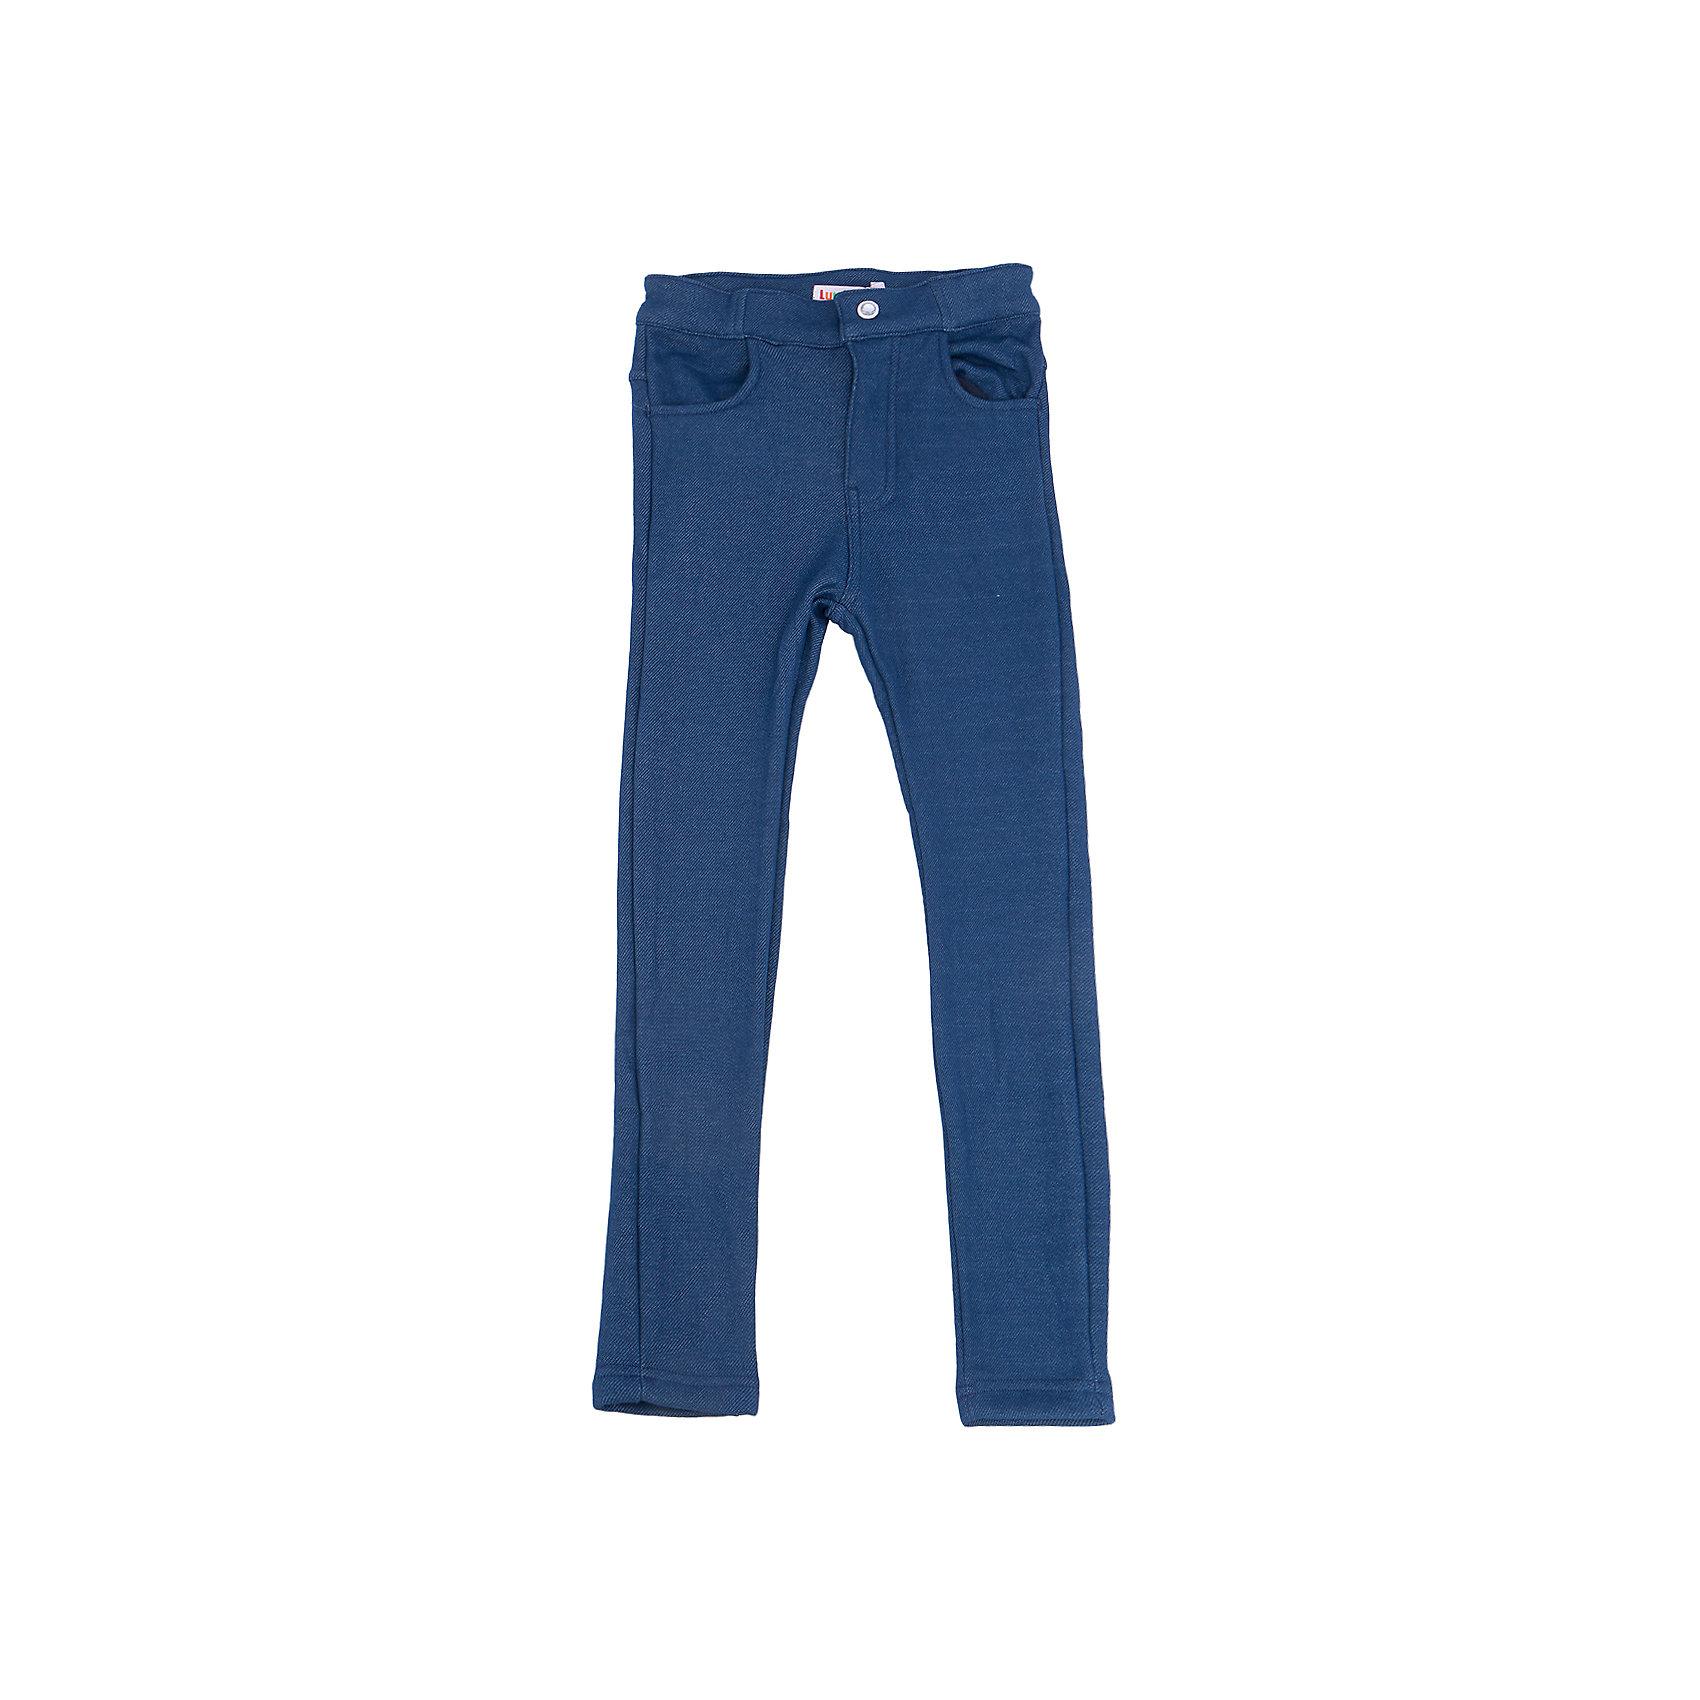 Брюки для девочки LuminosoЛеггинсы<br>Характеристики товара:<br><br>- цвет: разноцветный;<br>- материал: 80% хлопок, 20% полиэстер;<br>- трикотаж;<br>- по низу брючин молнии;<br>- мягкая резинка в поясе.<br><br>Стильная одежда от бренда Luminoso (Люминосо), созданная при участии итальянских дизайнеров, учитывает потребности подростков и последние веяния моды. Она удобная и модная.<br>Эти стильные брюки подходят для ежедневного ношения. Они хорошо сидят на ребенке, обеспечивают комфорт и отлично сочетаются с одежной разных стилей. Модель отличается высоким качеством материала и продуманным дизайном. Натуральный хлопок в составе изделия делает его дышащим, приятным на ощупь и гипоаллергеным.<br><br>Брюки для девочки от бренда Luminoso (Люминосо) можно купить в нашем интернет-магазине.<br><br>Ширина мм: 215<br>Глубина мм: 88<br>Высота мм: 191<br>Вес г: 336<br>Цвет: синий<br>Возраст от месяцев: 156<br>Возраст до месяцев: 168<br>Пол: Женский<br>Возраст: Детский<br>Размер: 164,134,140,146,152,158<br>SKU: 4929717